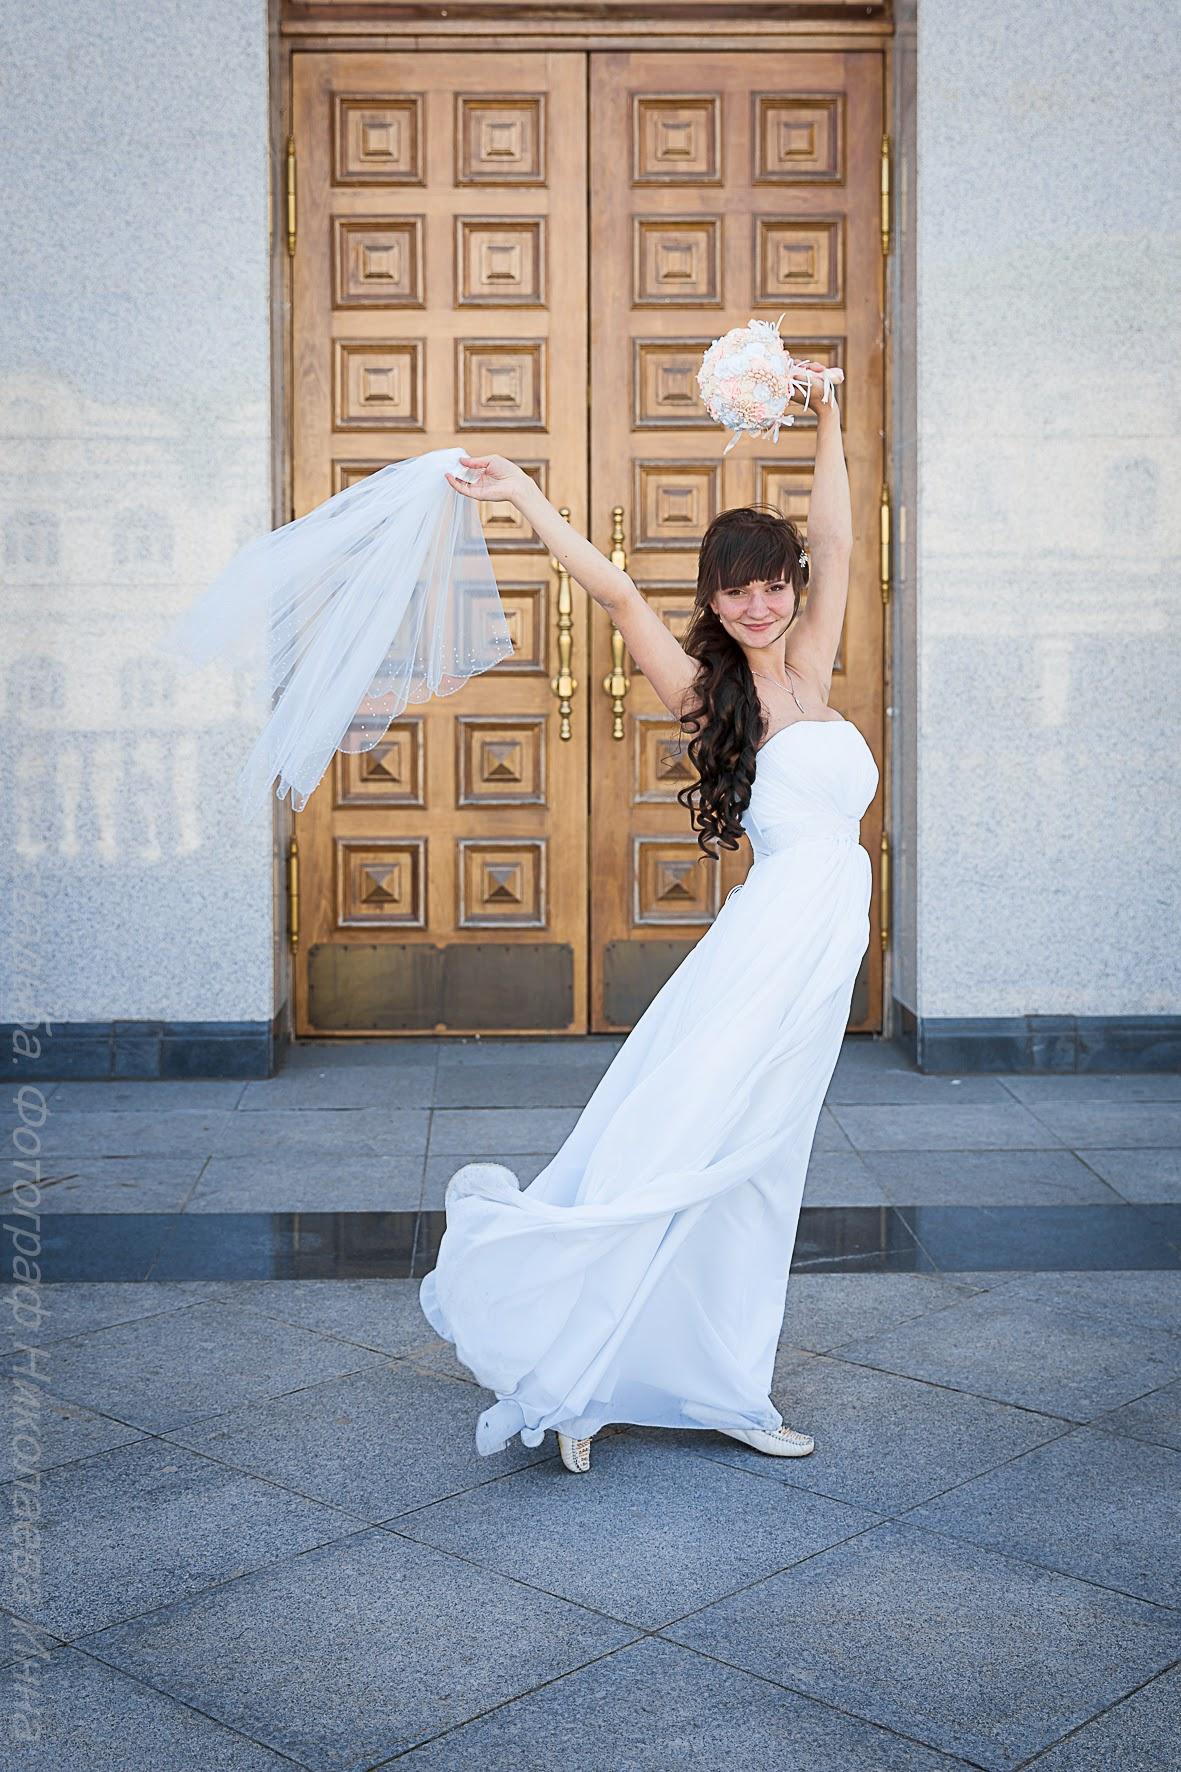 Инна Николаева в Хабаровске